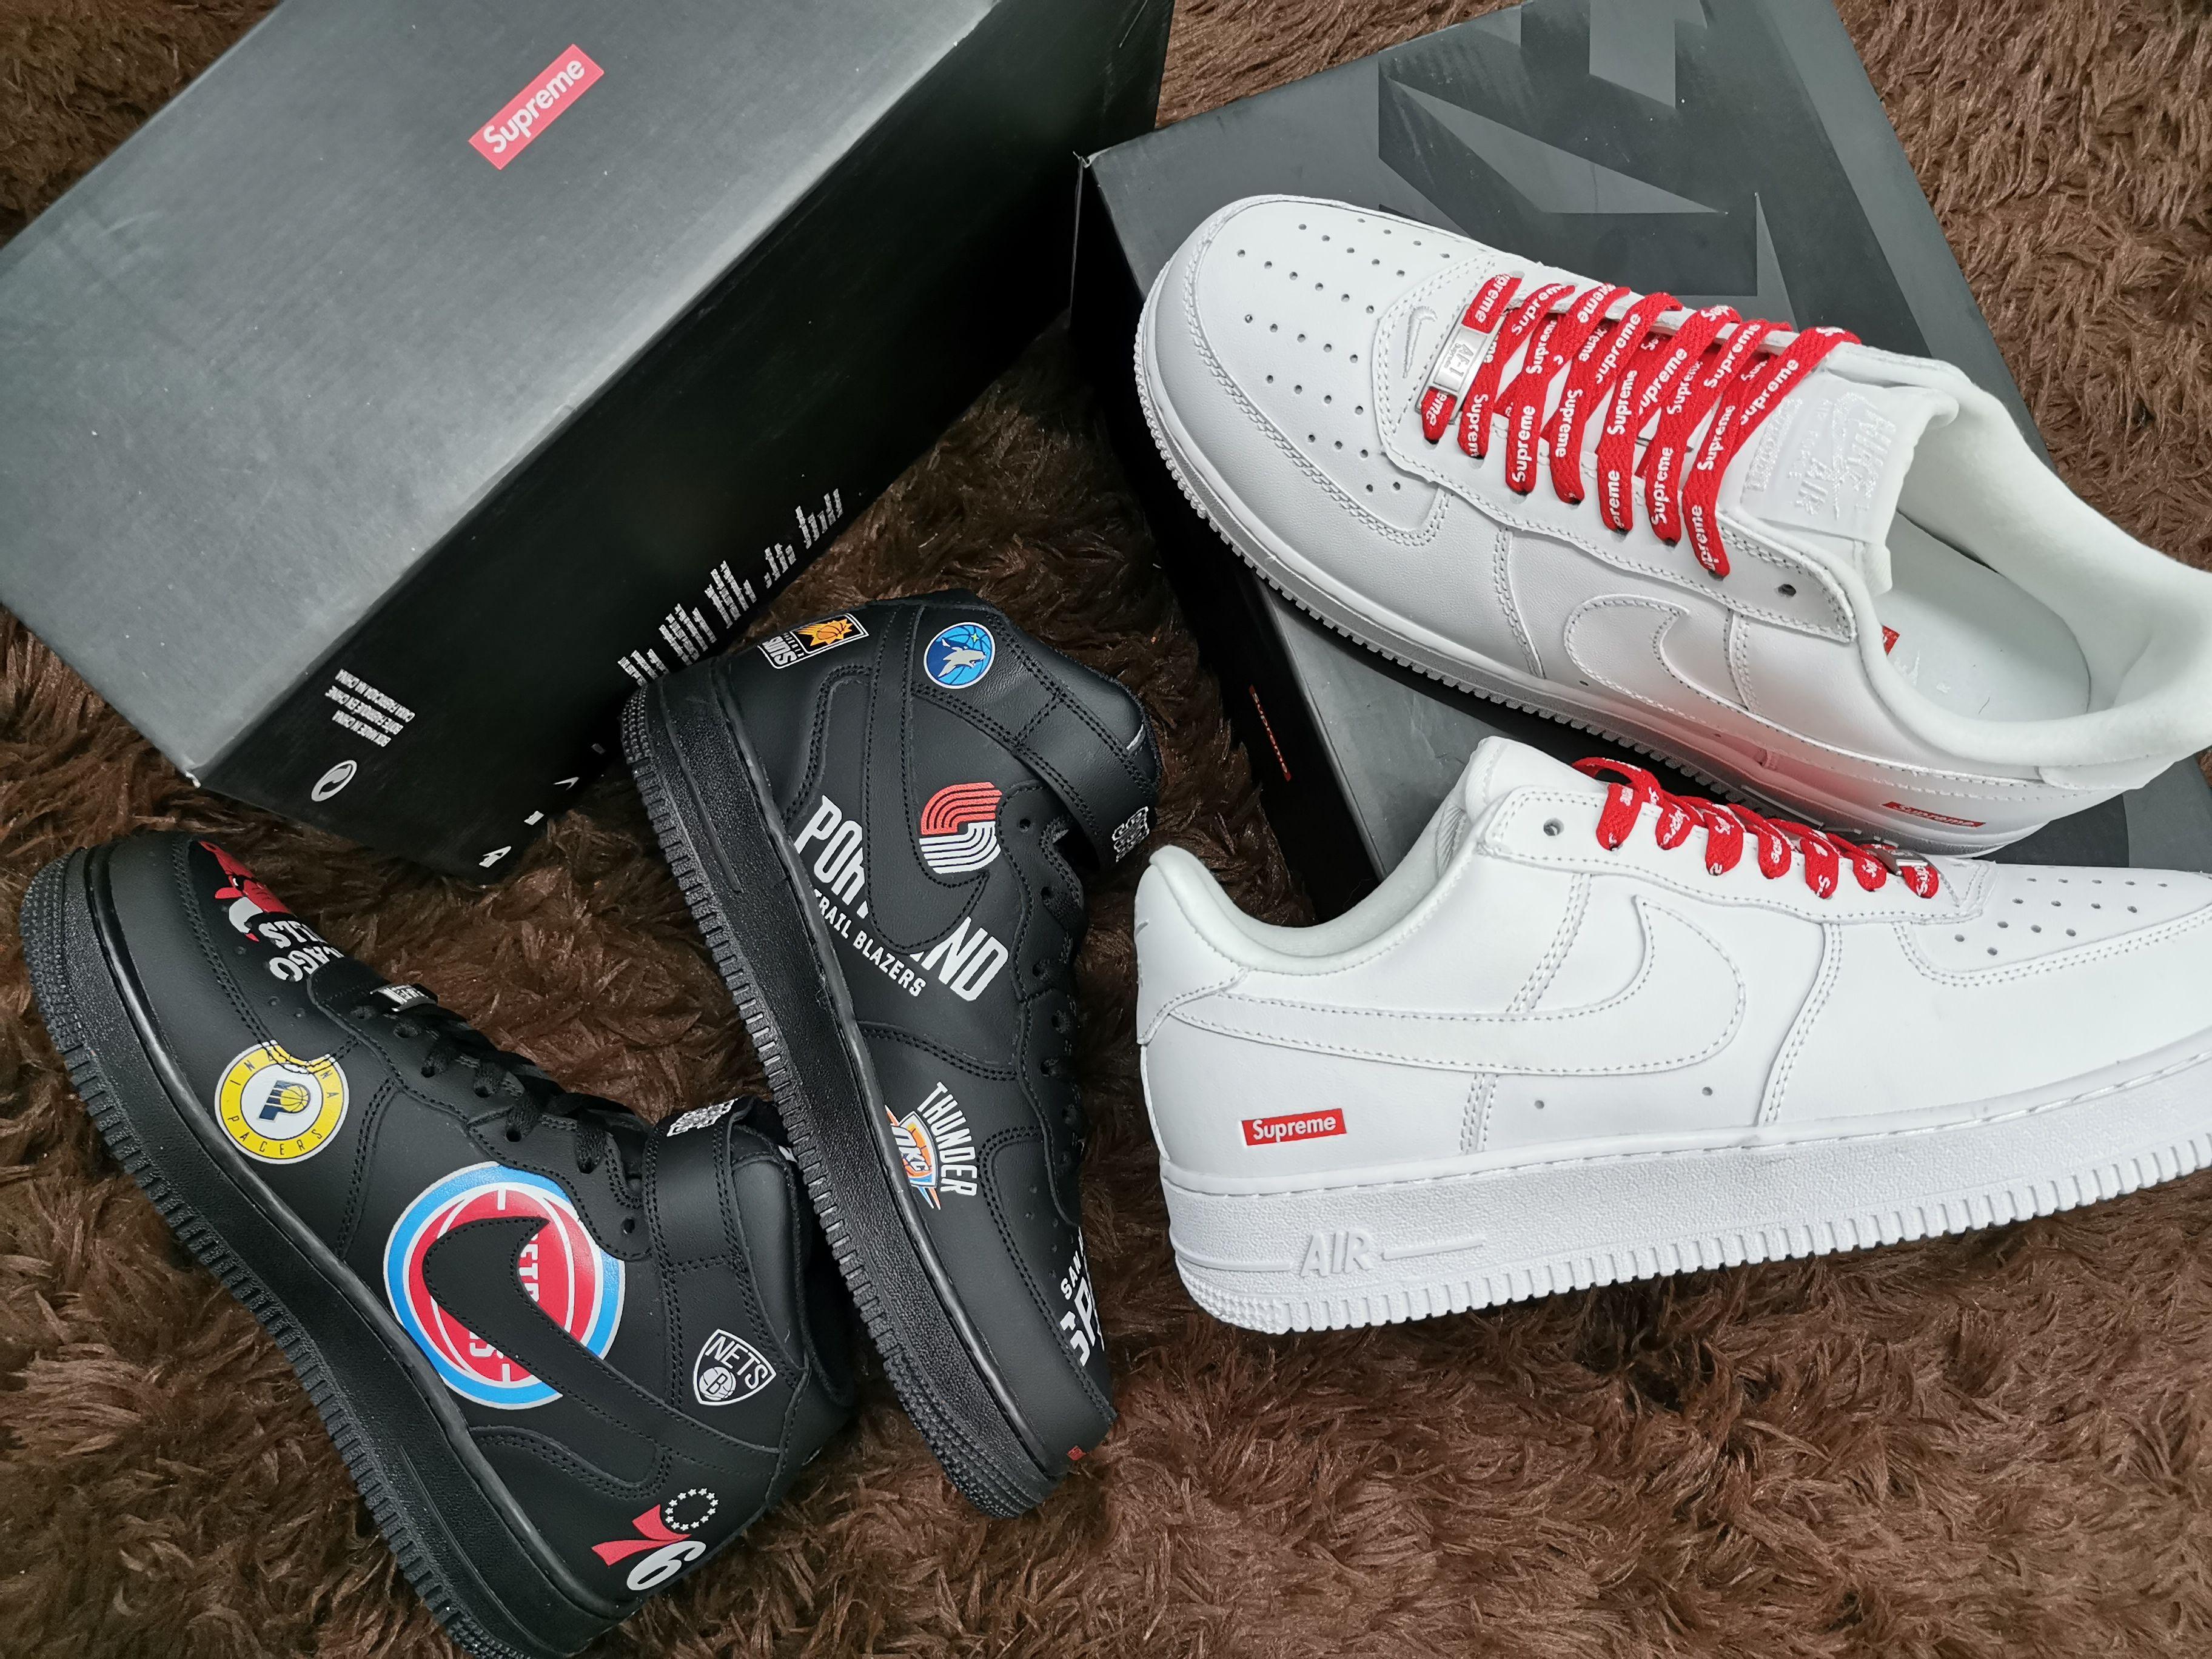 monte Vesubio Kakadu equipaje  Nike Air Force 1 MIN'07 / SUPREME für Männer Der Preis beträgt 90 US-Dollar.  in 2020 | Nike air force, Nike air, Nike